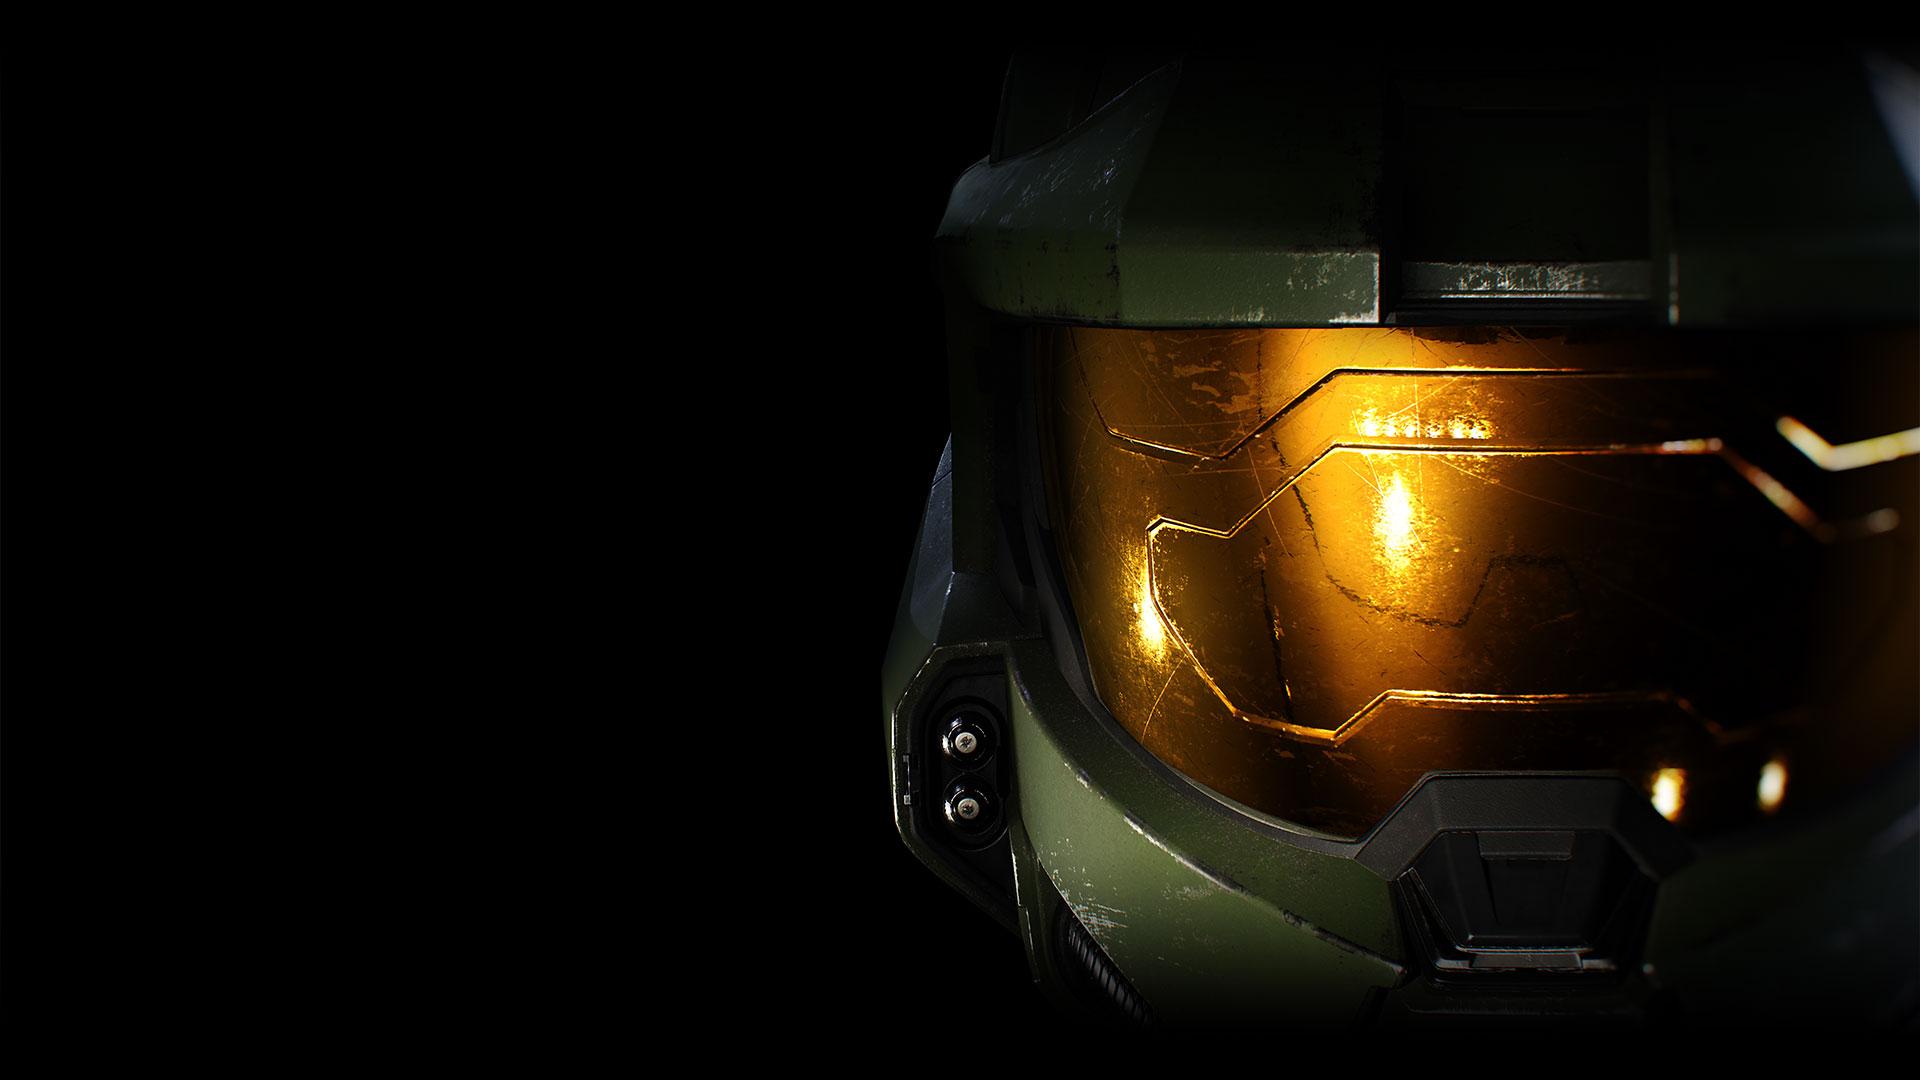 Halo karakter kaskının yakından görünümü